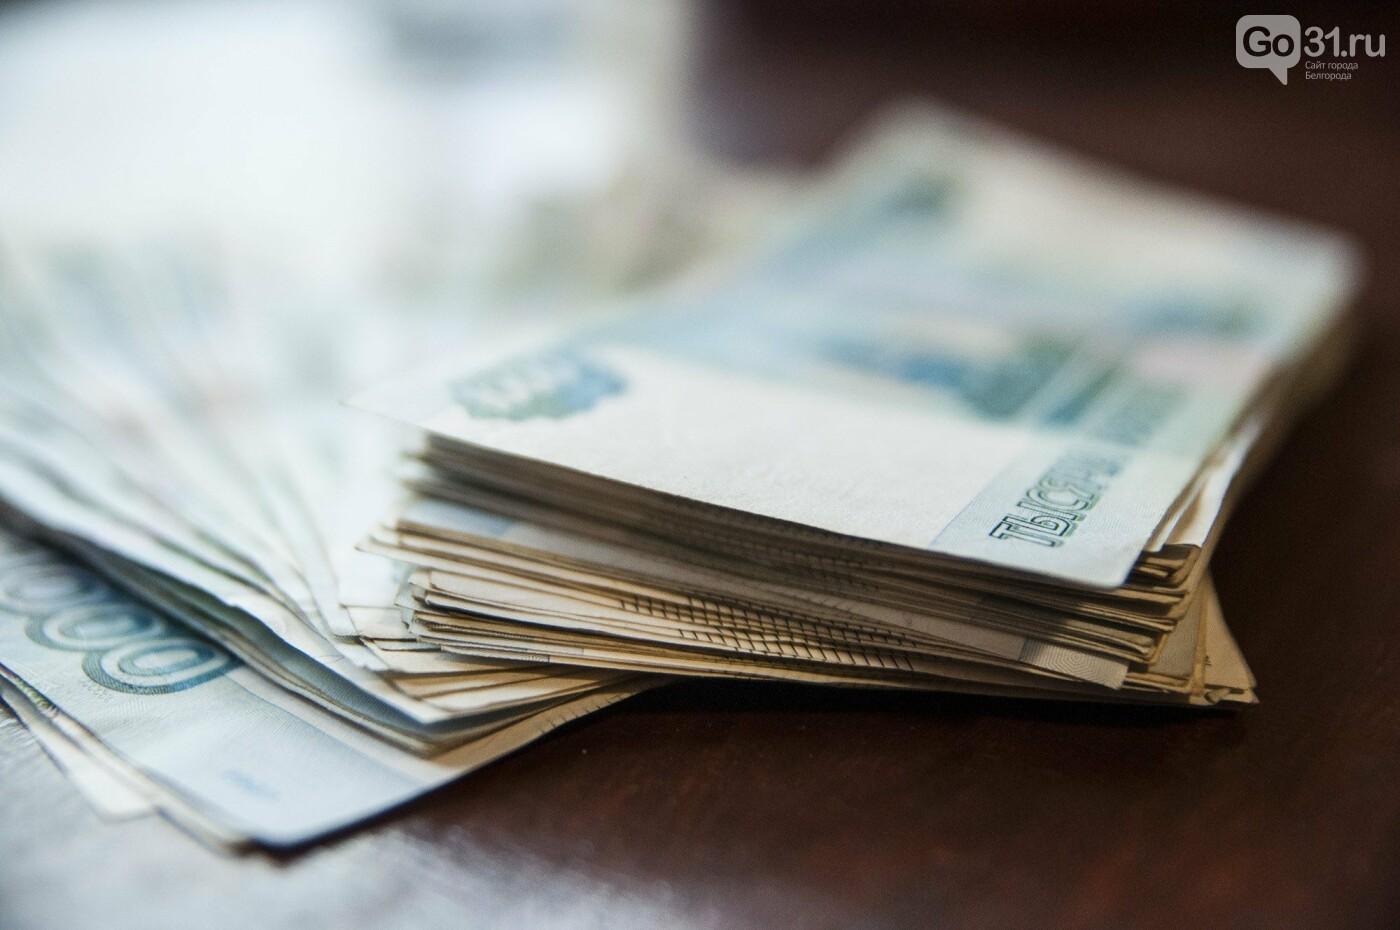 Карты, деньги, безопасность. Как не заразиться через банкноты и пластик, фото-1